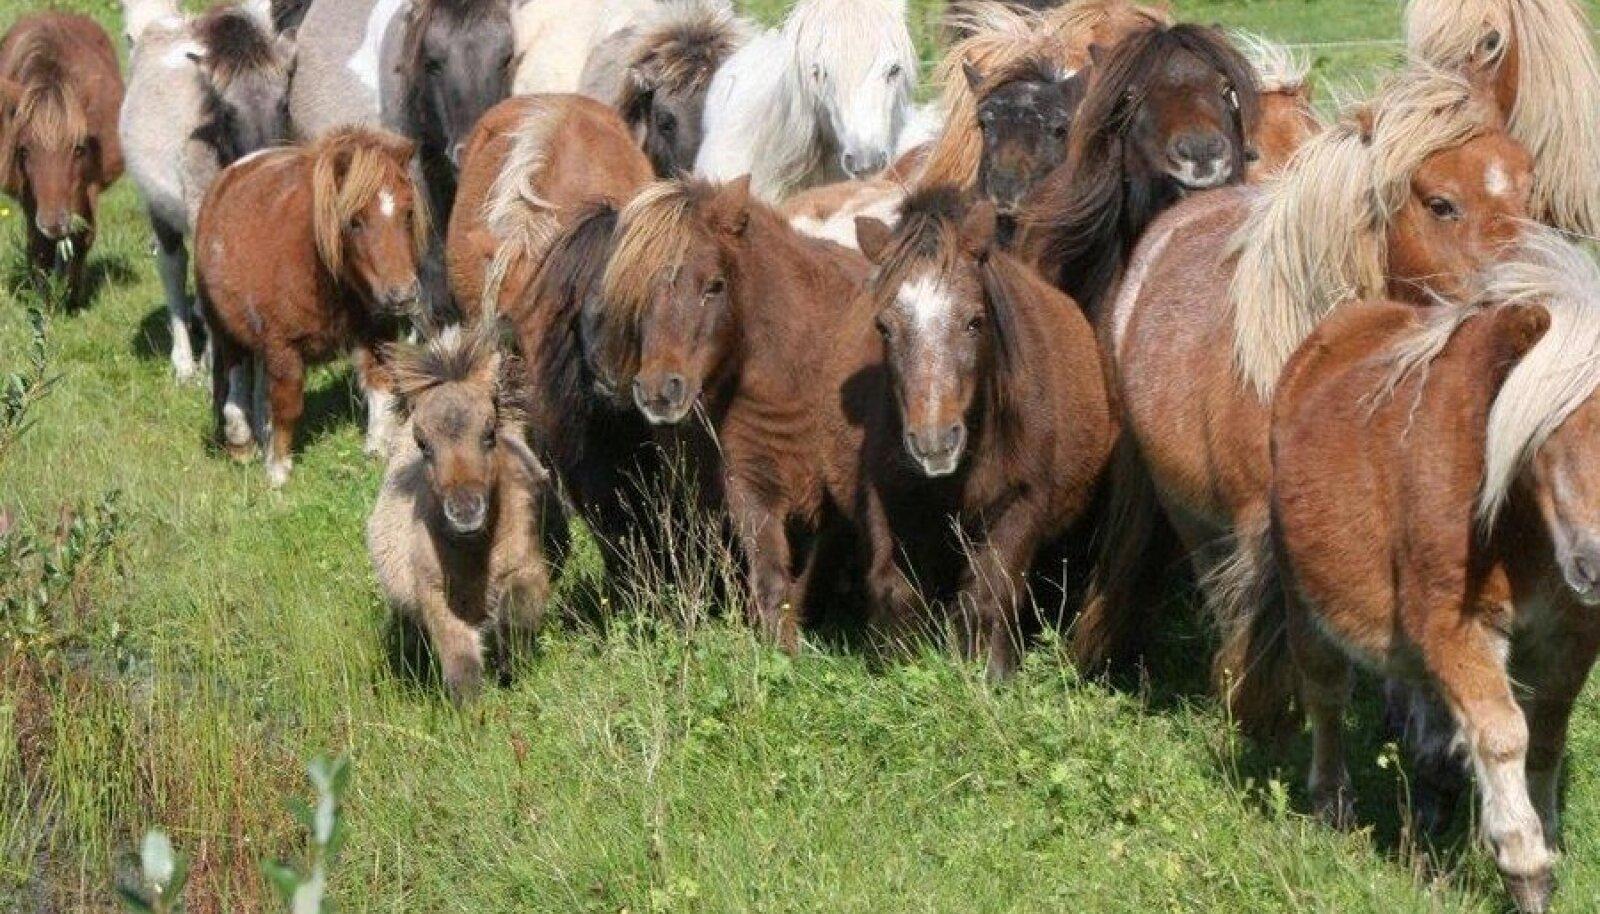 Šetlandi ponid Pärnumaal Raja talus 2010. aasta suvel. Foto on illustratiivne.